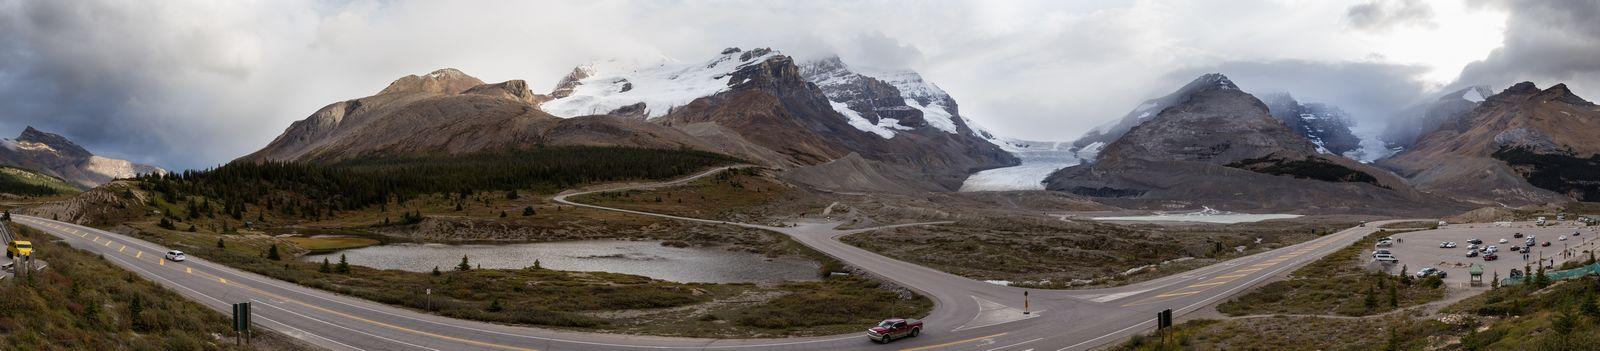 Vistas al glaciar desde la terraza exterior